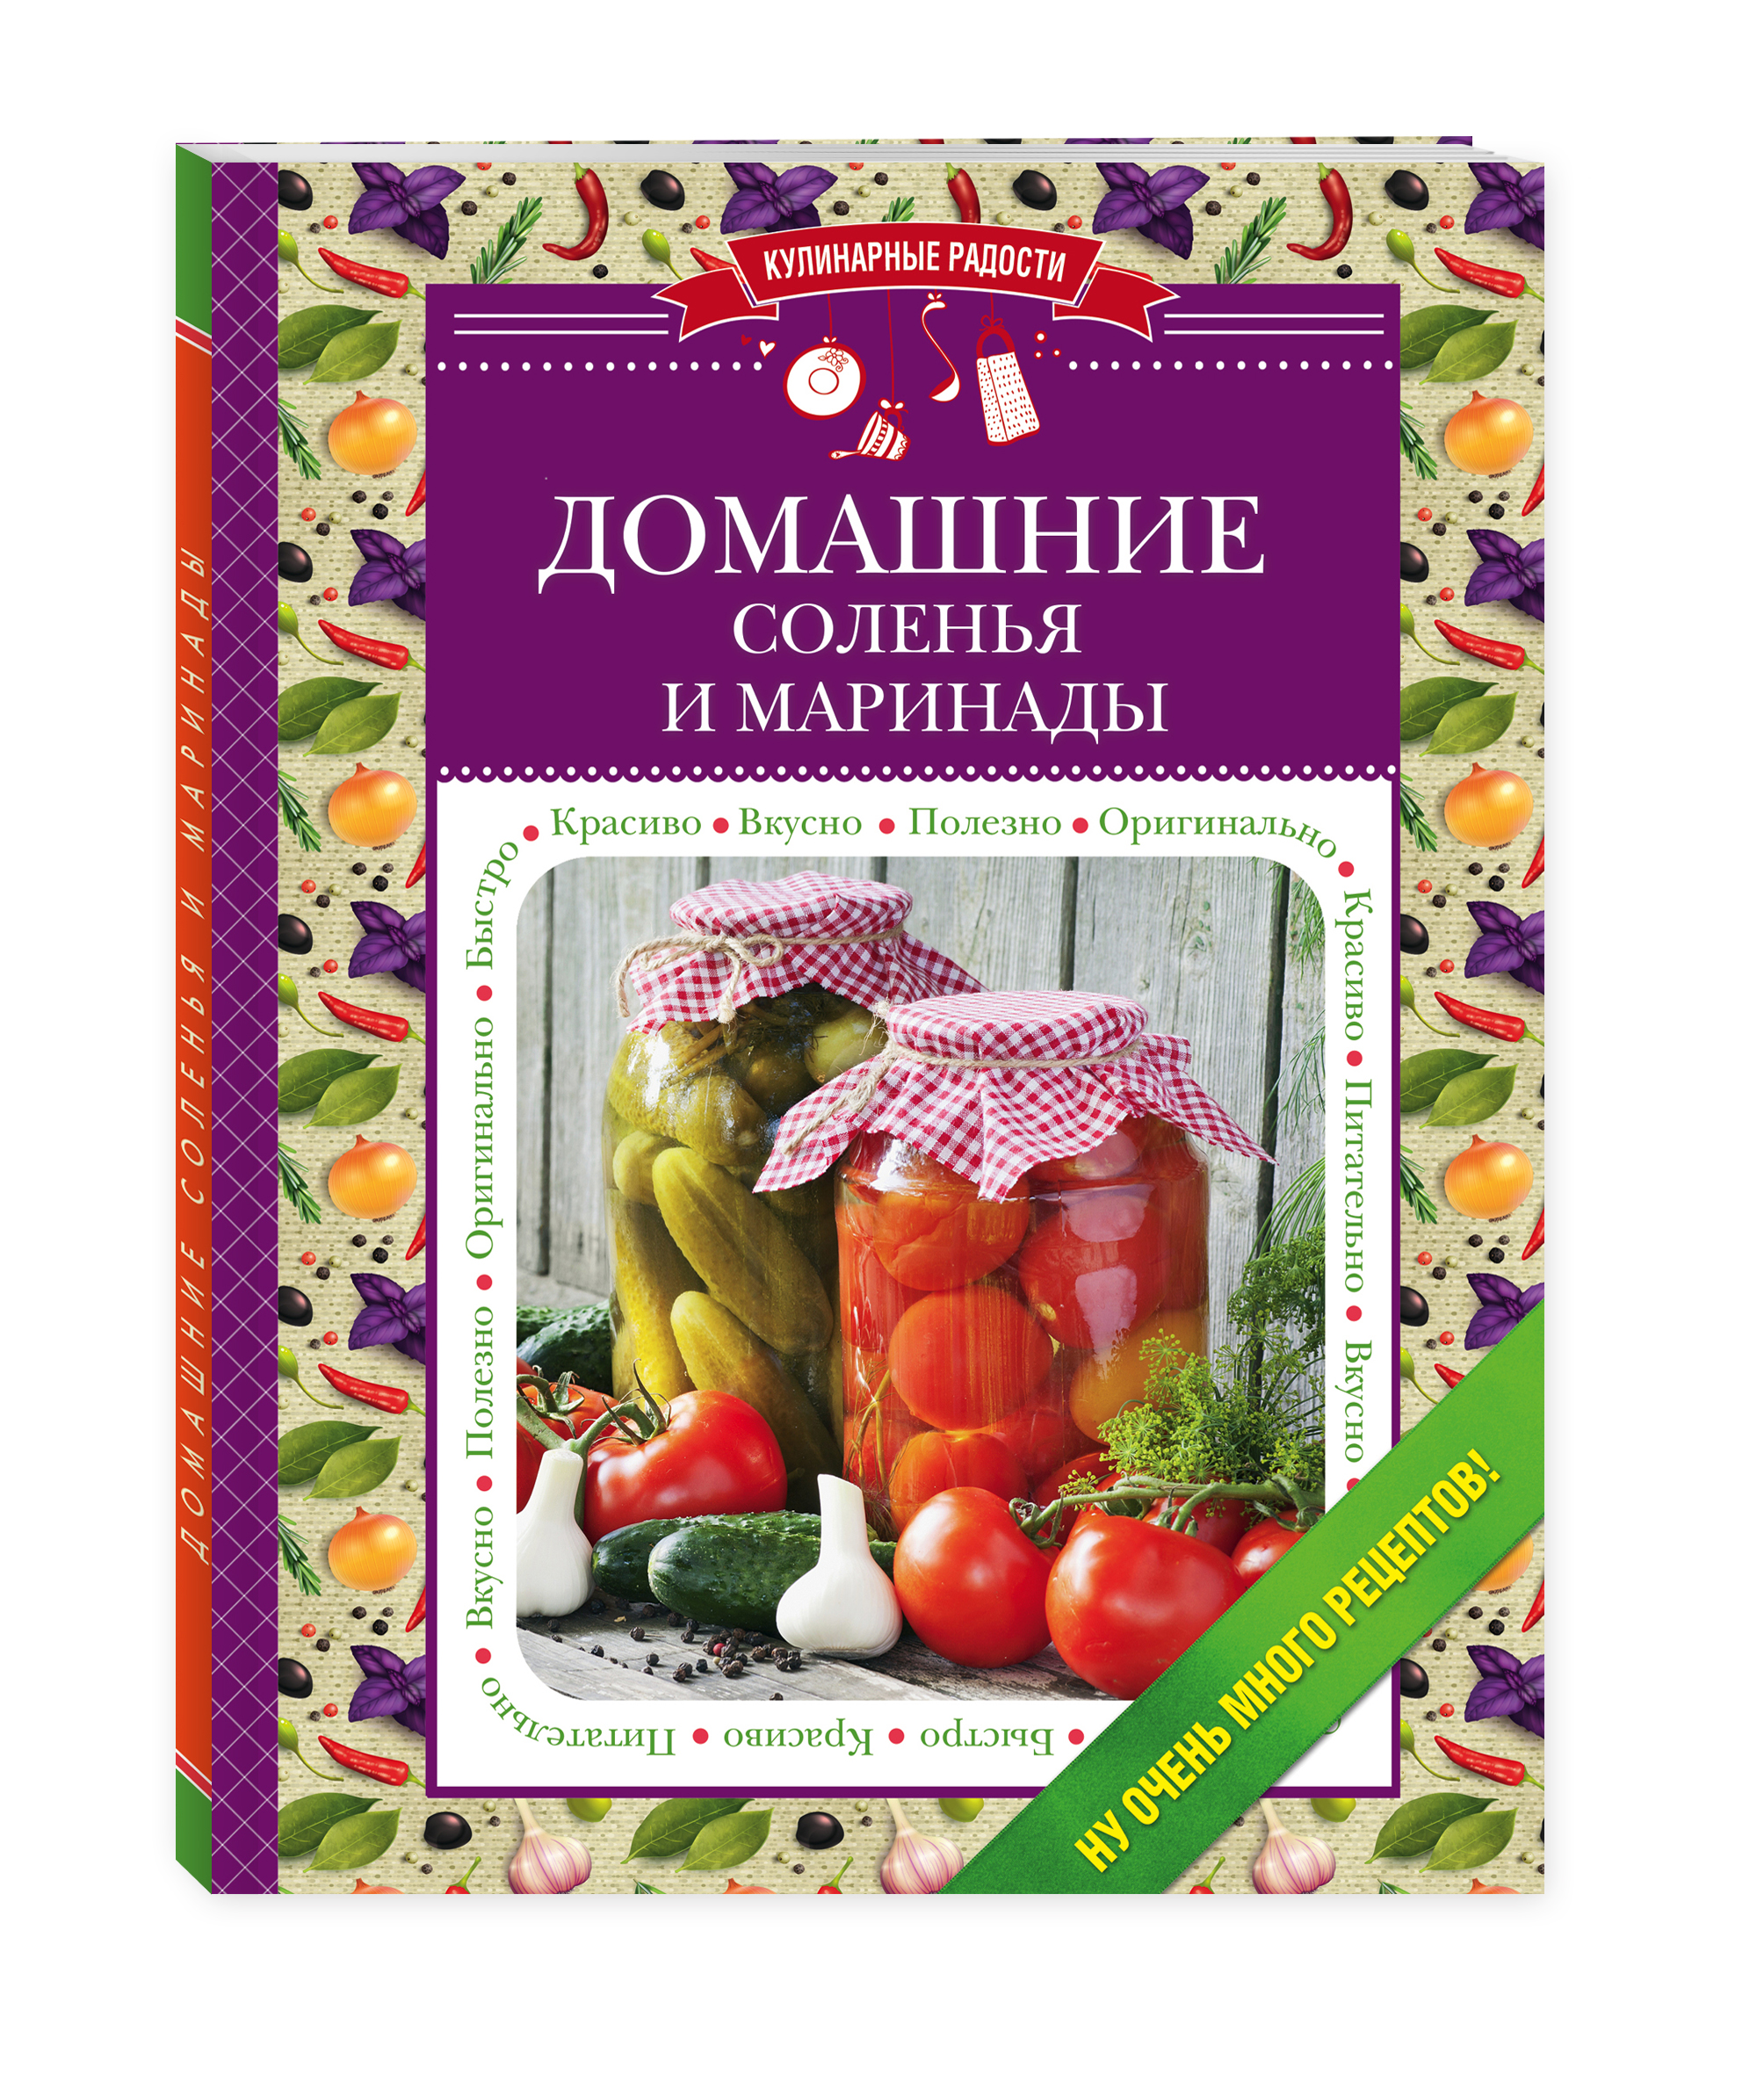 500 восхитительных рецептов. Четвертая книга в подарок (комплект)